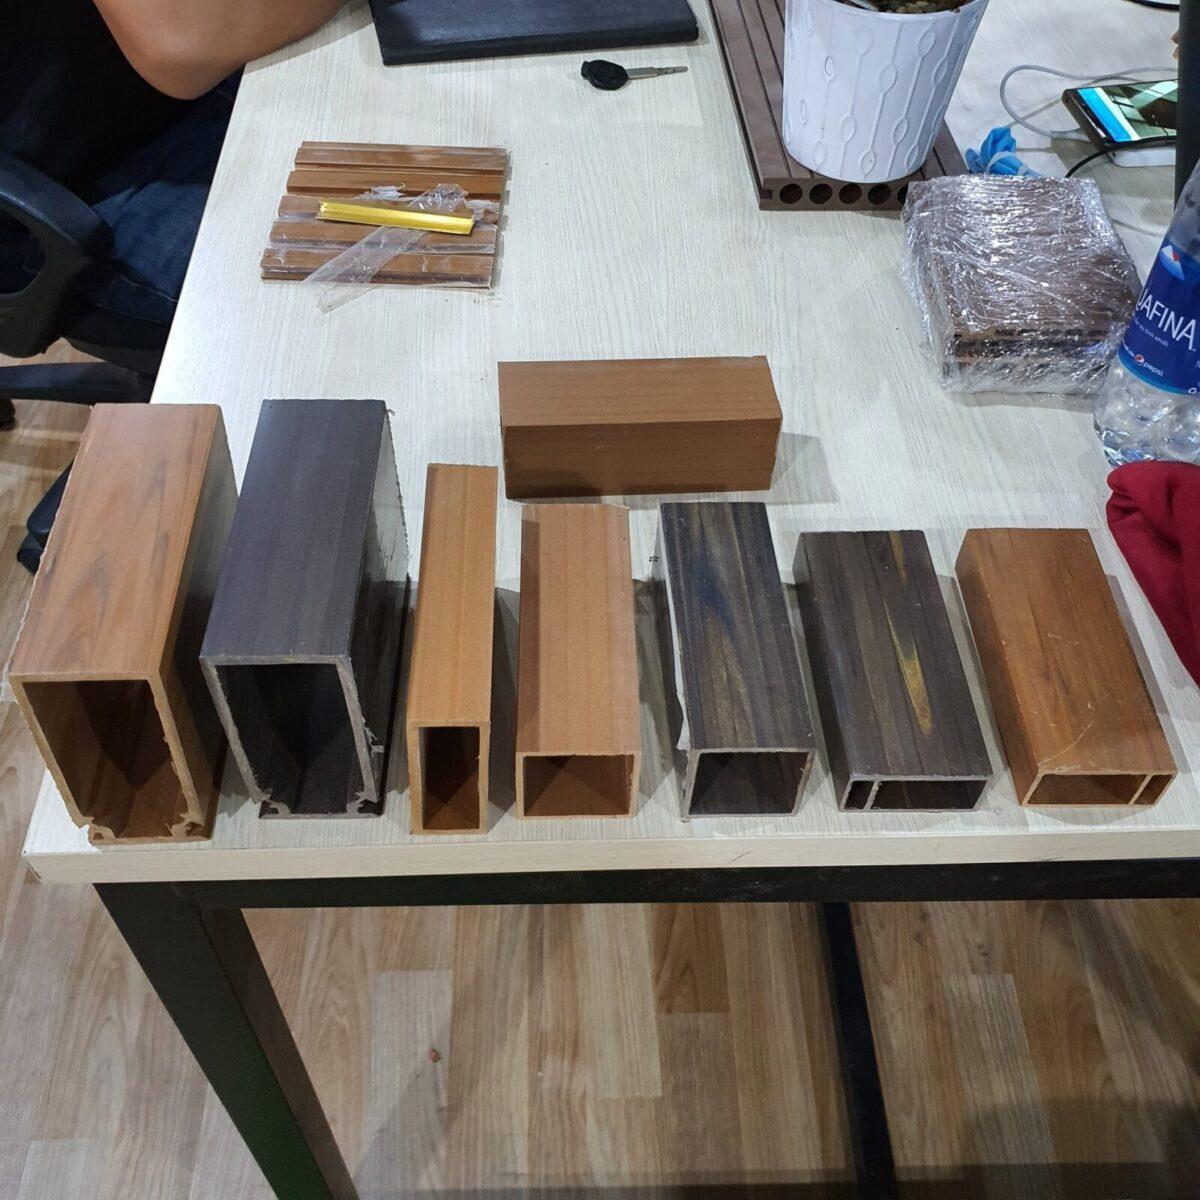 Các mẫu thanh lam gỗ nhựa và kích thước thanh lam Ecovina